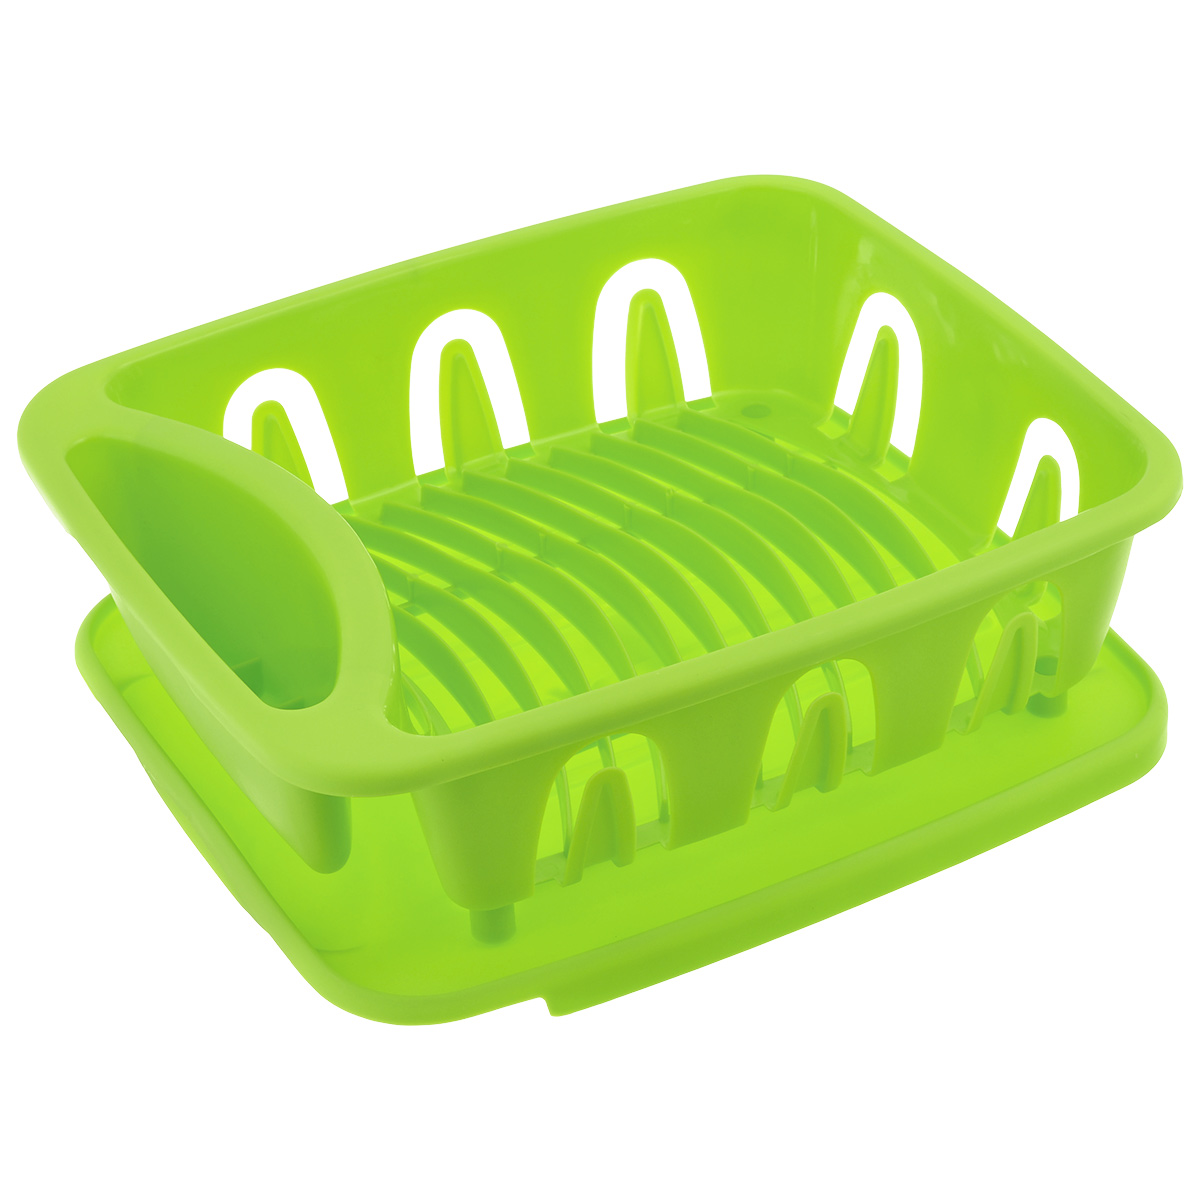 Сушилка для посуды Dommix, цвет: салатовый, 35,5 х 31 х 13 см21395599Сушилка для посуды Dommix, выполненная из высококачественного пластика, представляет собой подставку с ячейками, в которые помещается посуда, и отделением для столовых приборов. Сушилка оснащена пластиковым поддоном для стекания в него воды.Ваши тарелки высохнут быстро, если после мойки вы поместите их в легкую, яркую, современную пластиковую сушилку.Сушилка для посуды Dommix станет незаменимым атрибутом на вашей кухне.Размер сушилки: 35,5 см х 31 см х 13 см. Размер поддона: 35 см х 31 см х 0,8 см.